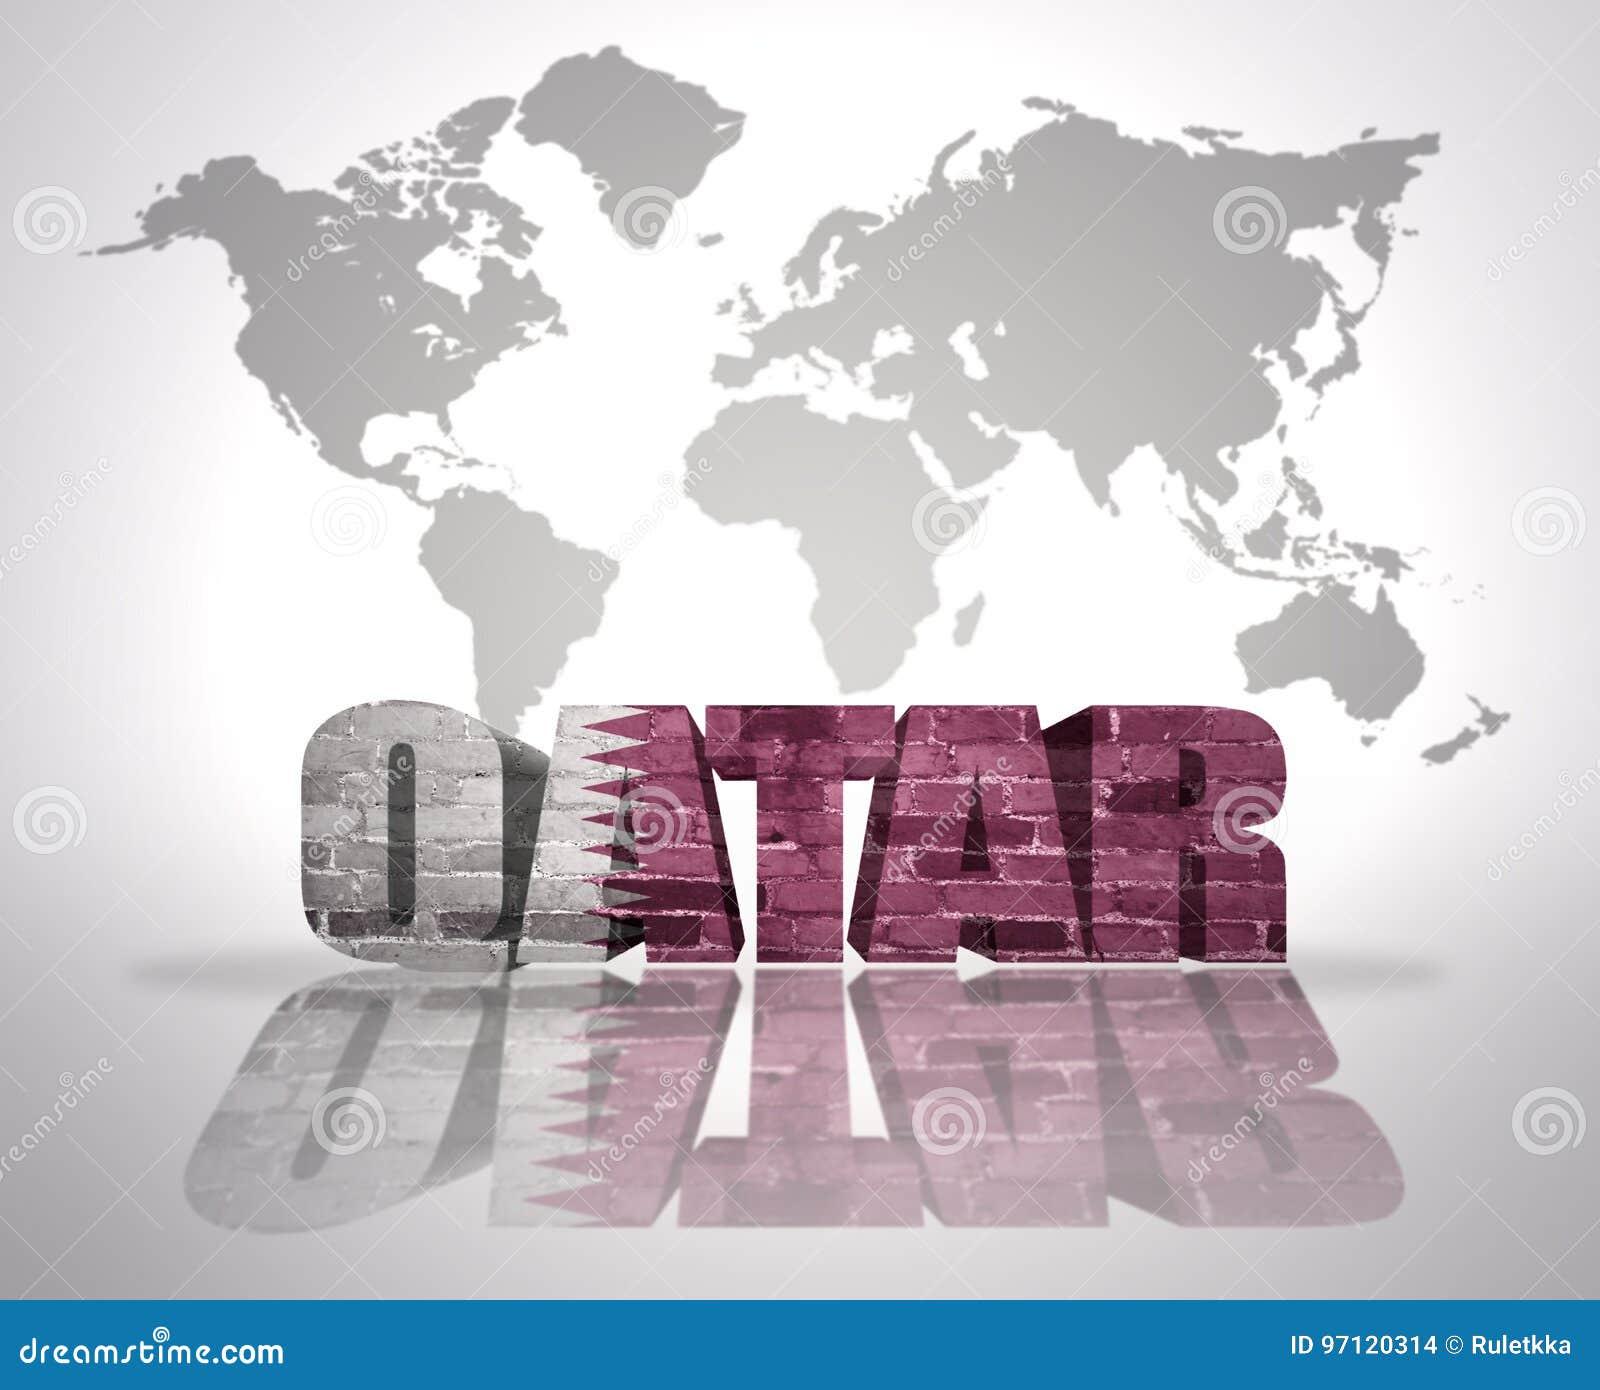 Carte Du Monde Qatar.Word Qatar Sur Un Fond De Carte Du Monde Illustration Stock